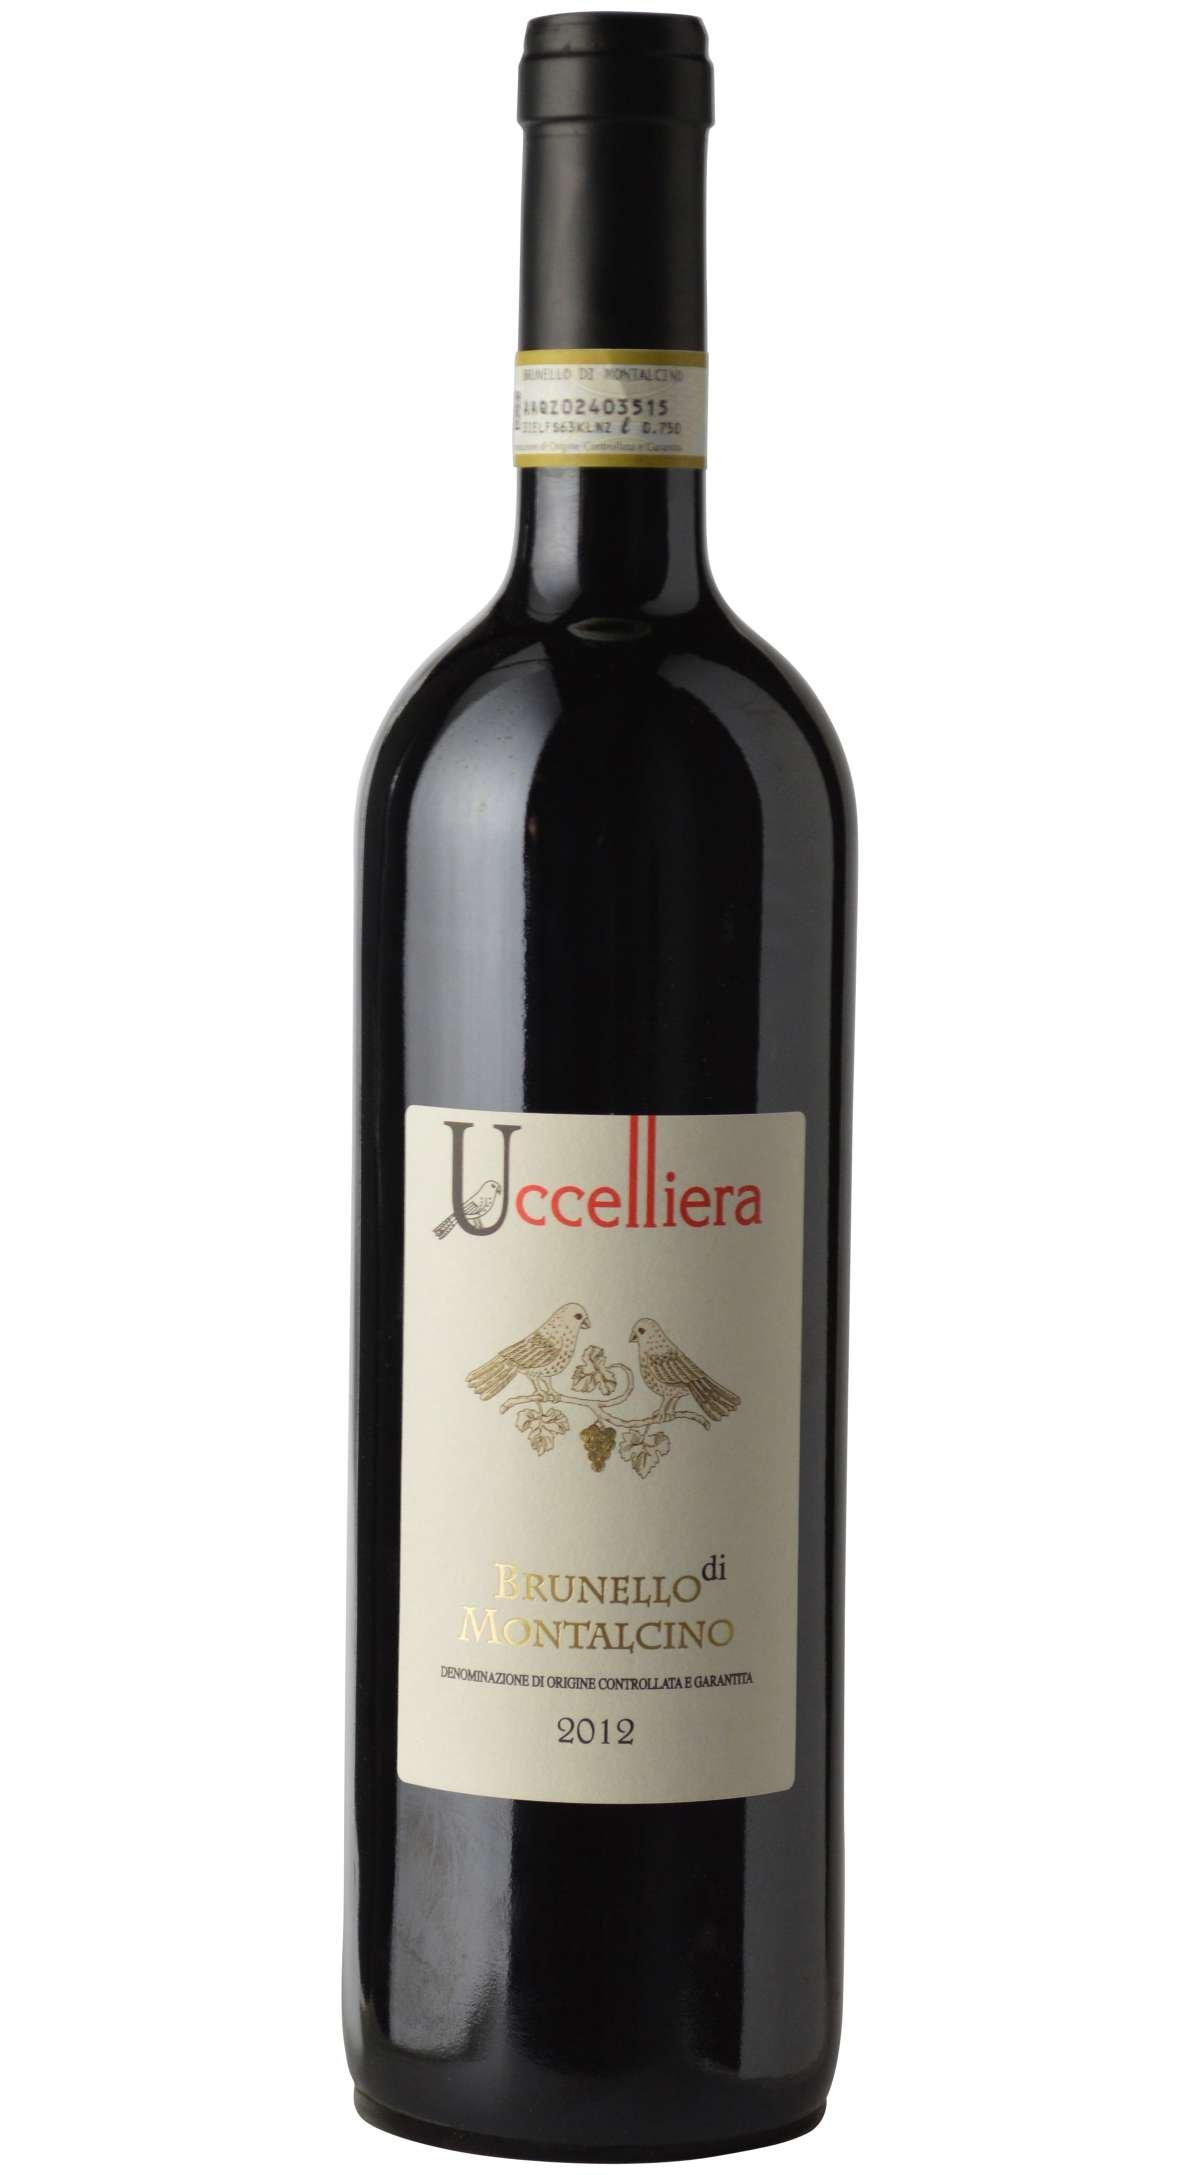 2013 Uccelliera Brunello 750ml